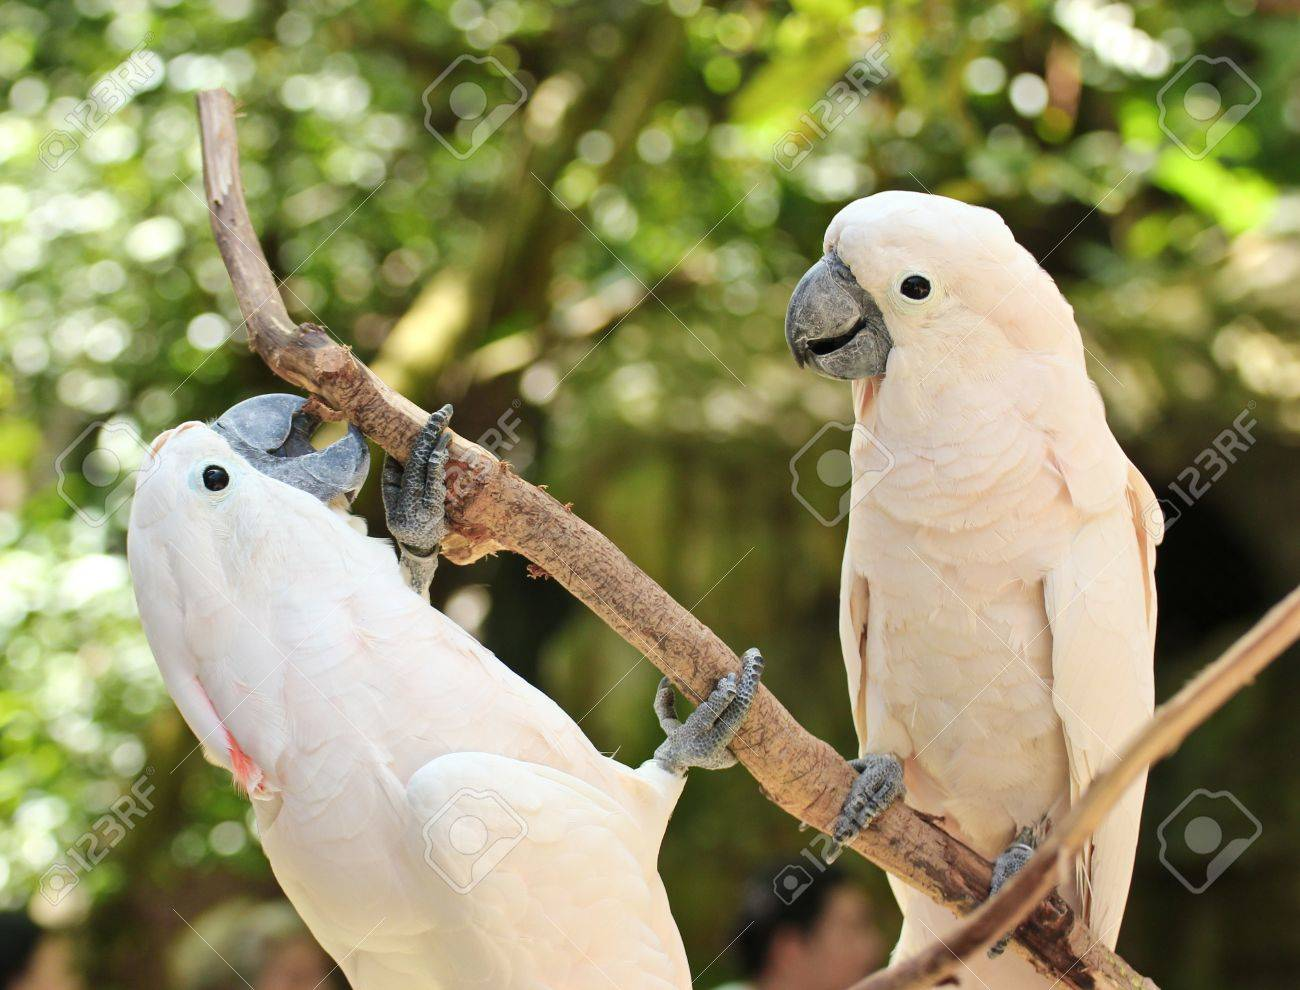 converse parrot